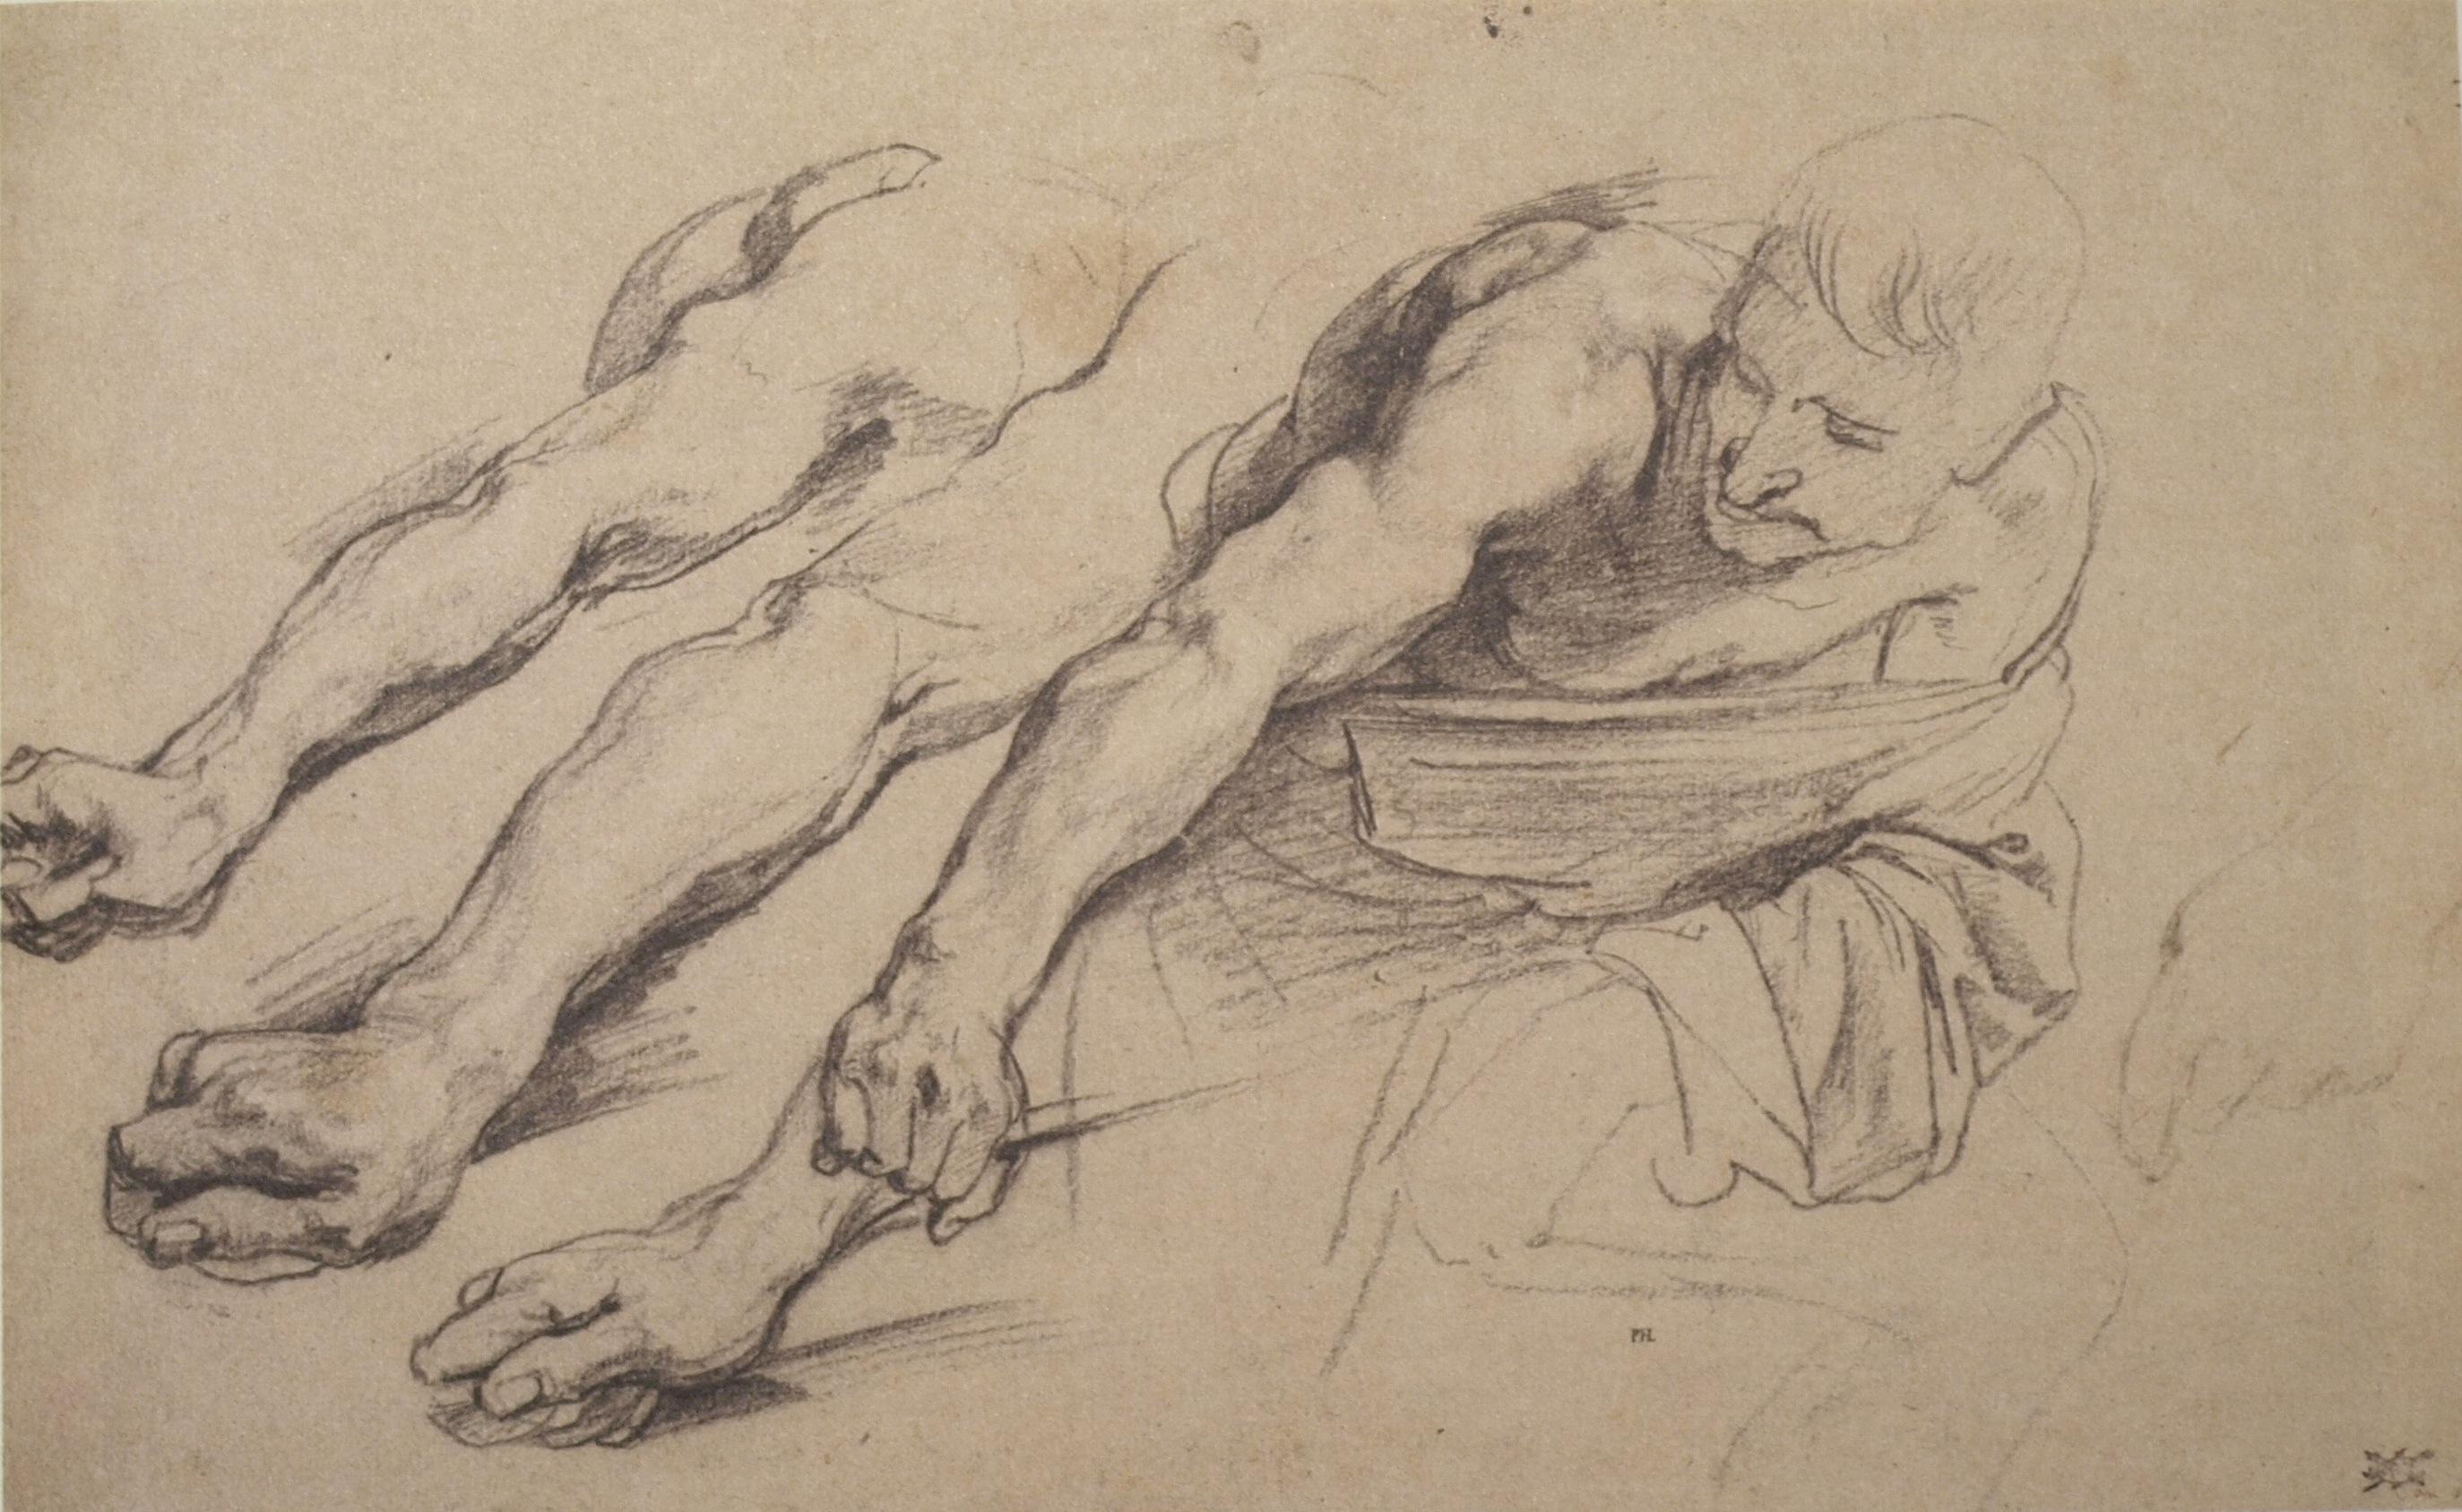 Drawn vans skeleton Dyck 1641 Van Antony 1641